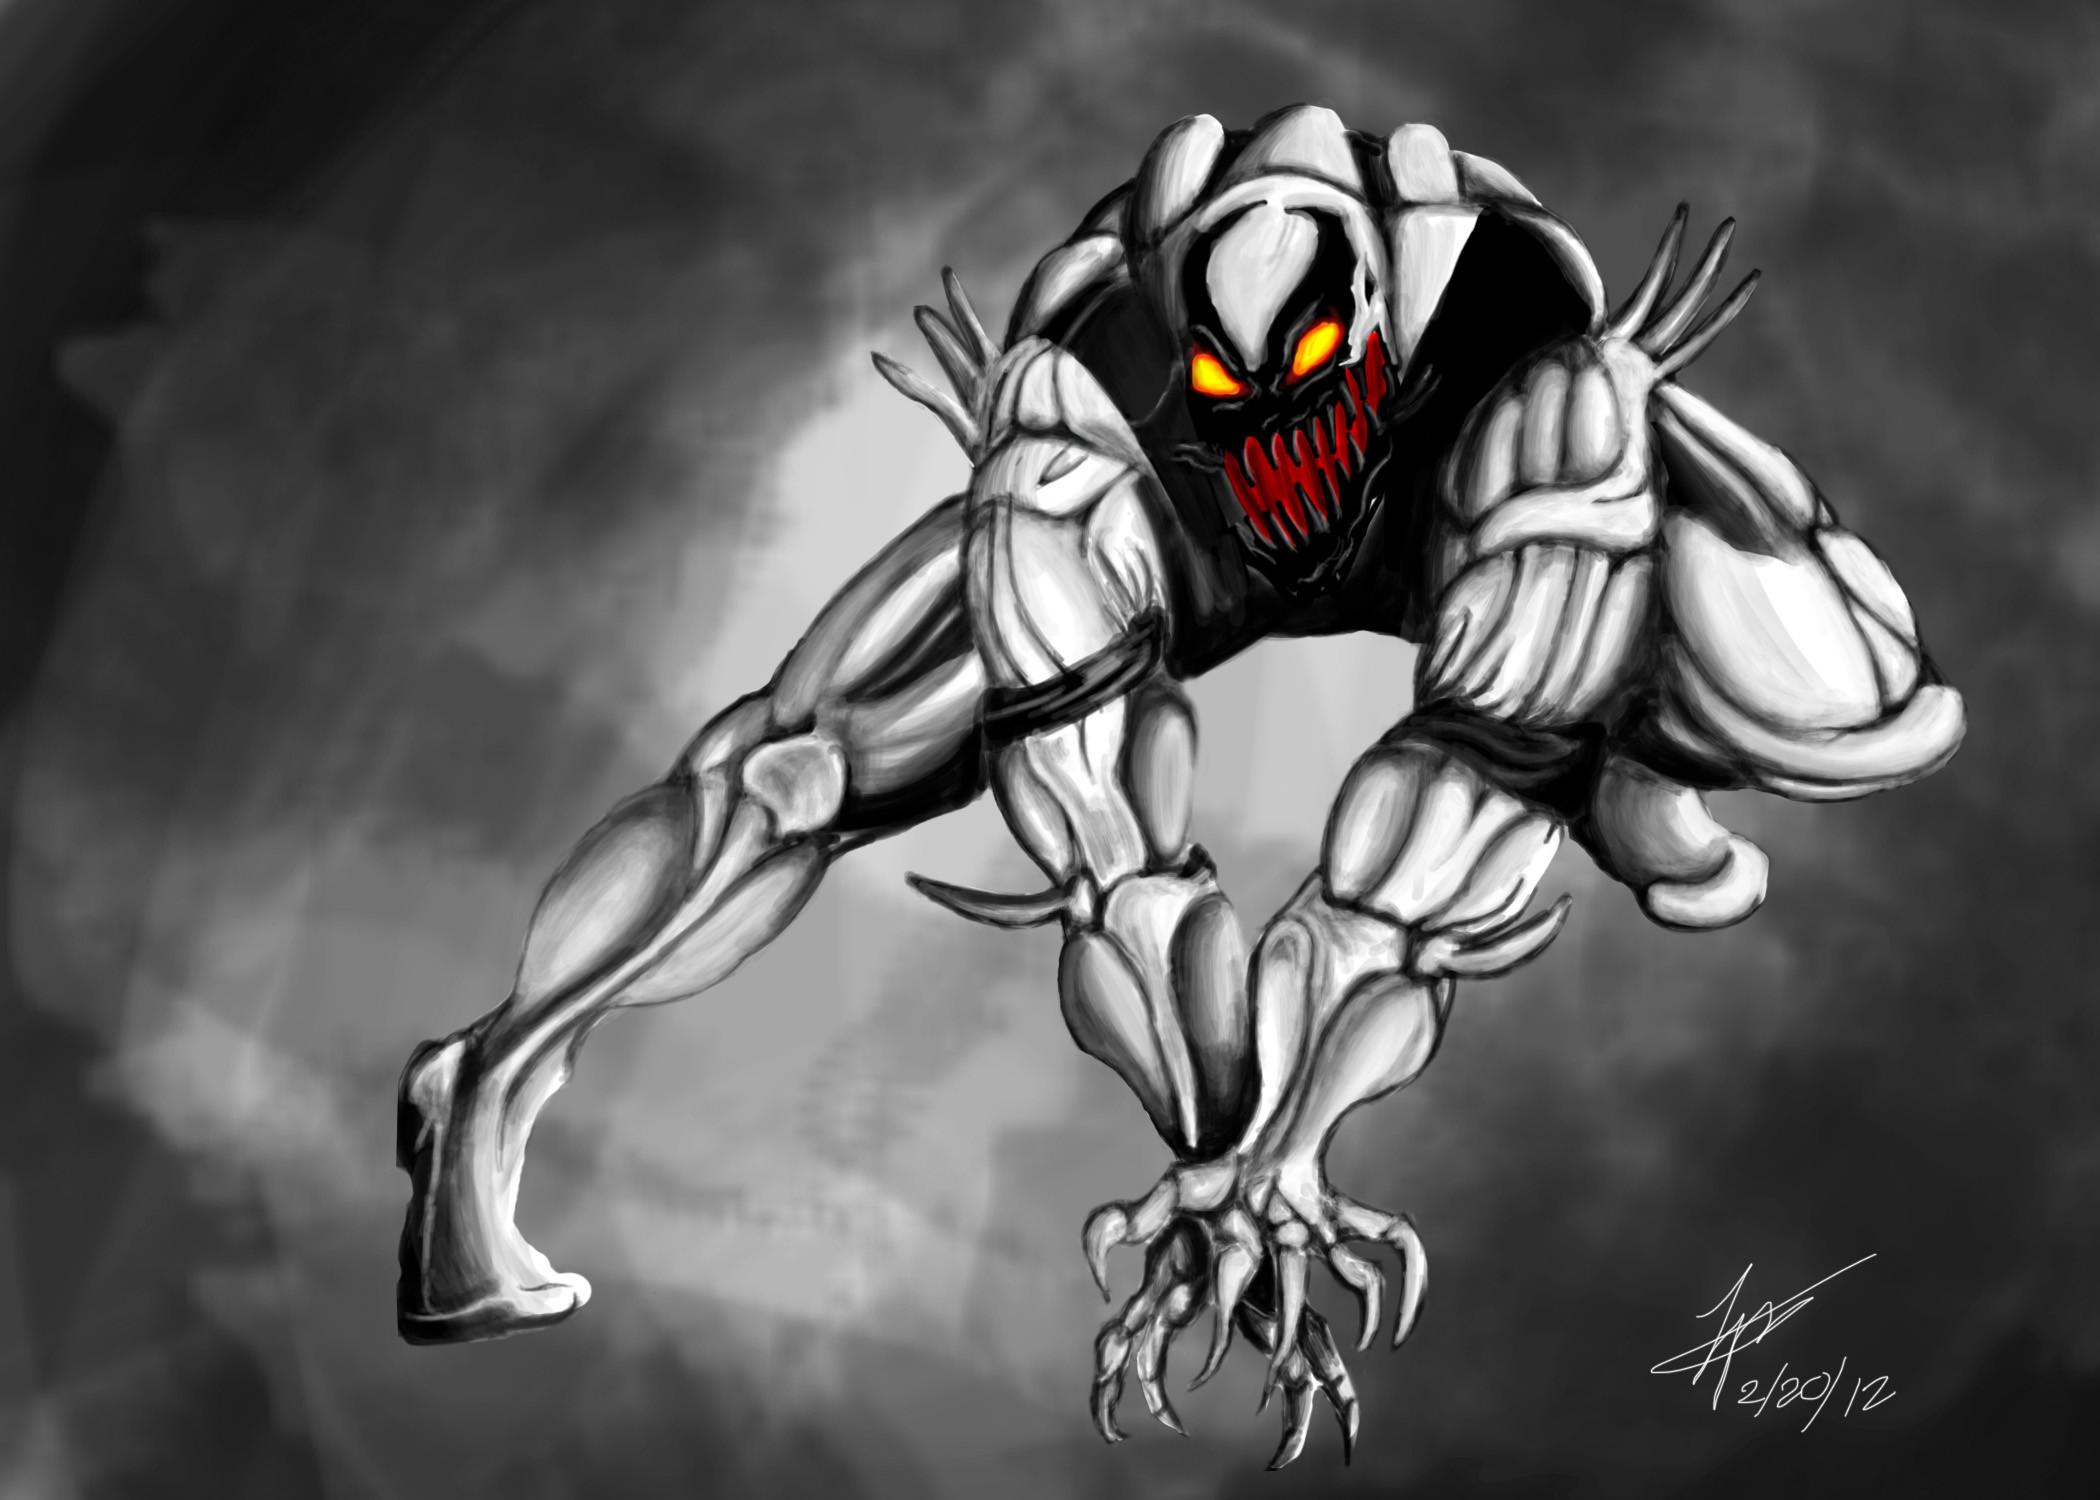 Agent Venom Wallpaper Photo